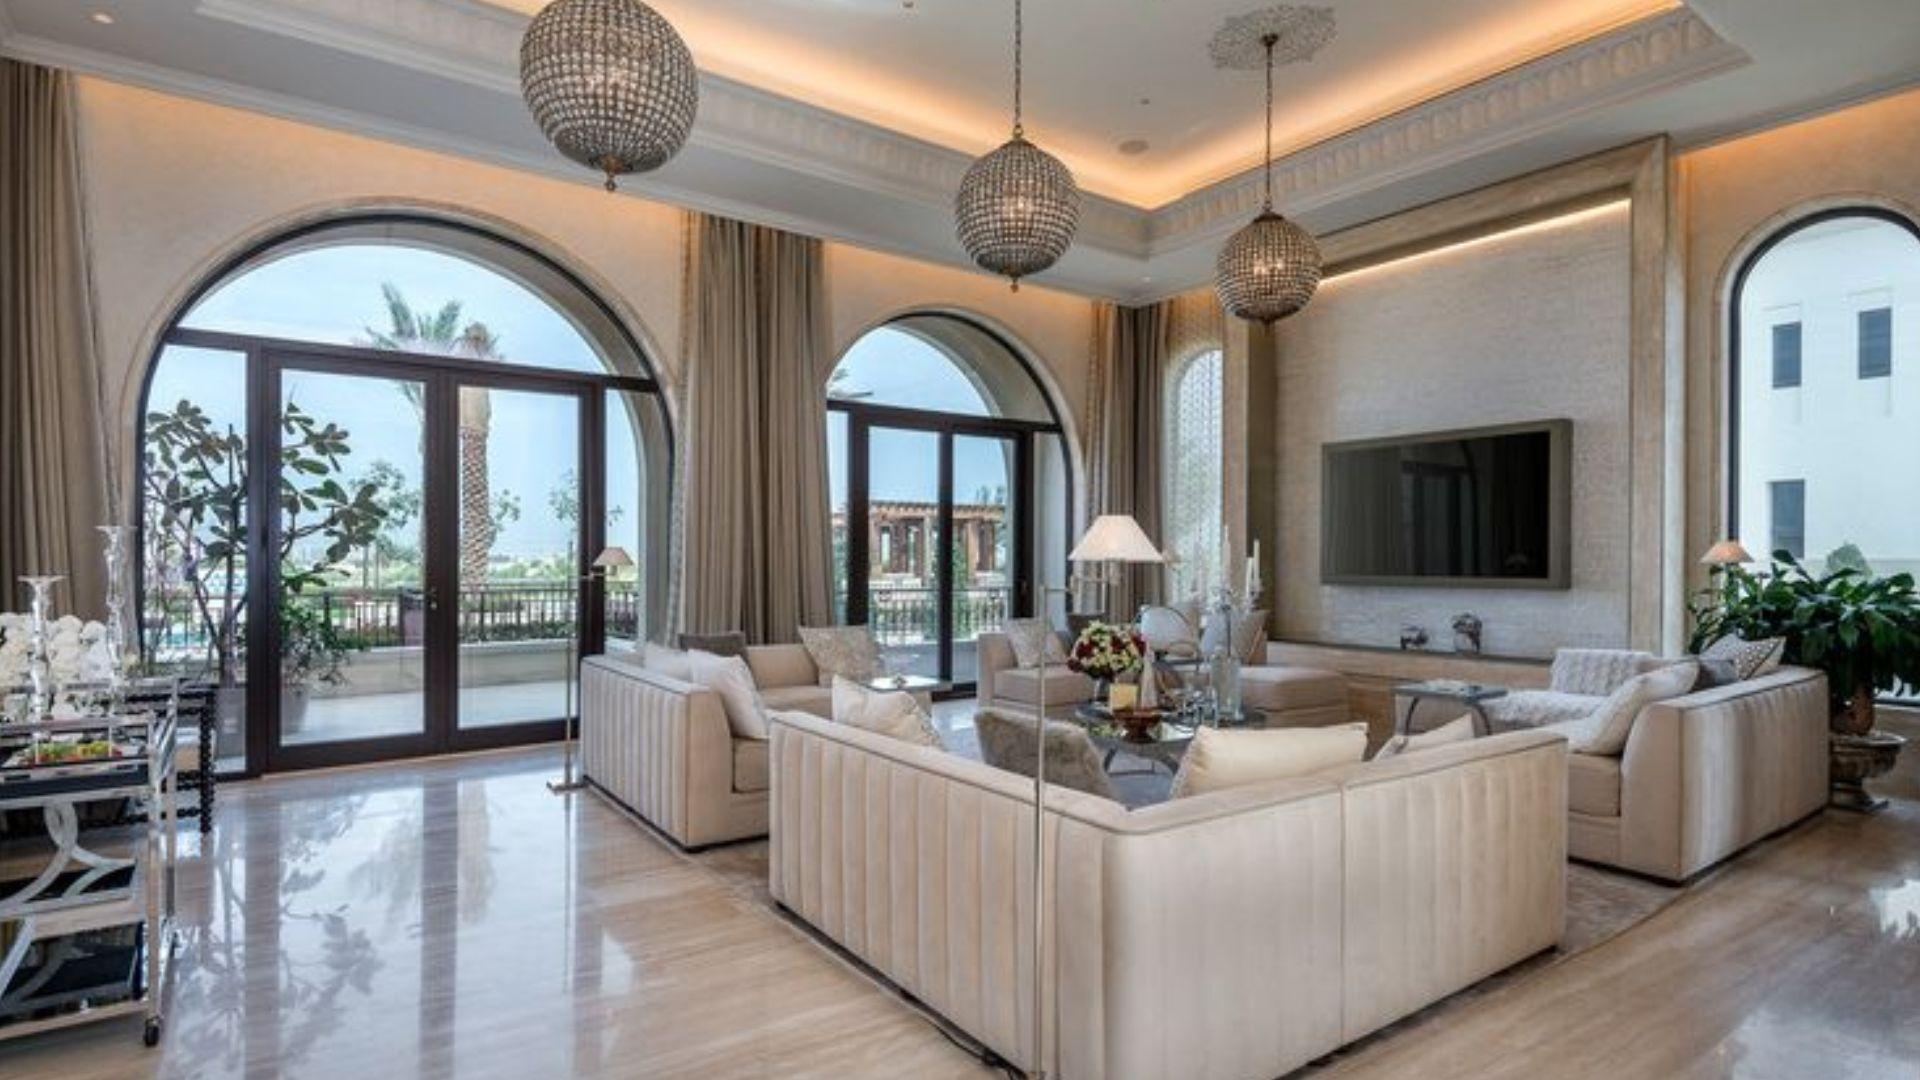 Villa en venta en Dubai, EAU, 7 dormitorios, 2084 m2, № 24633 – foto 2